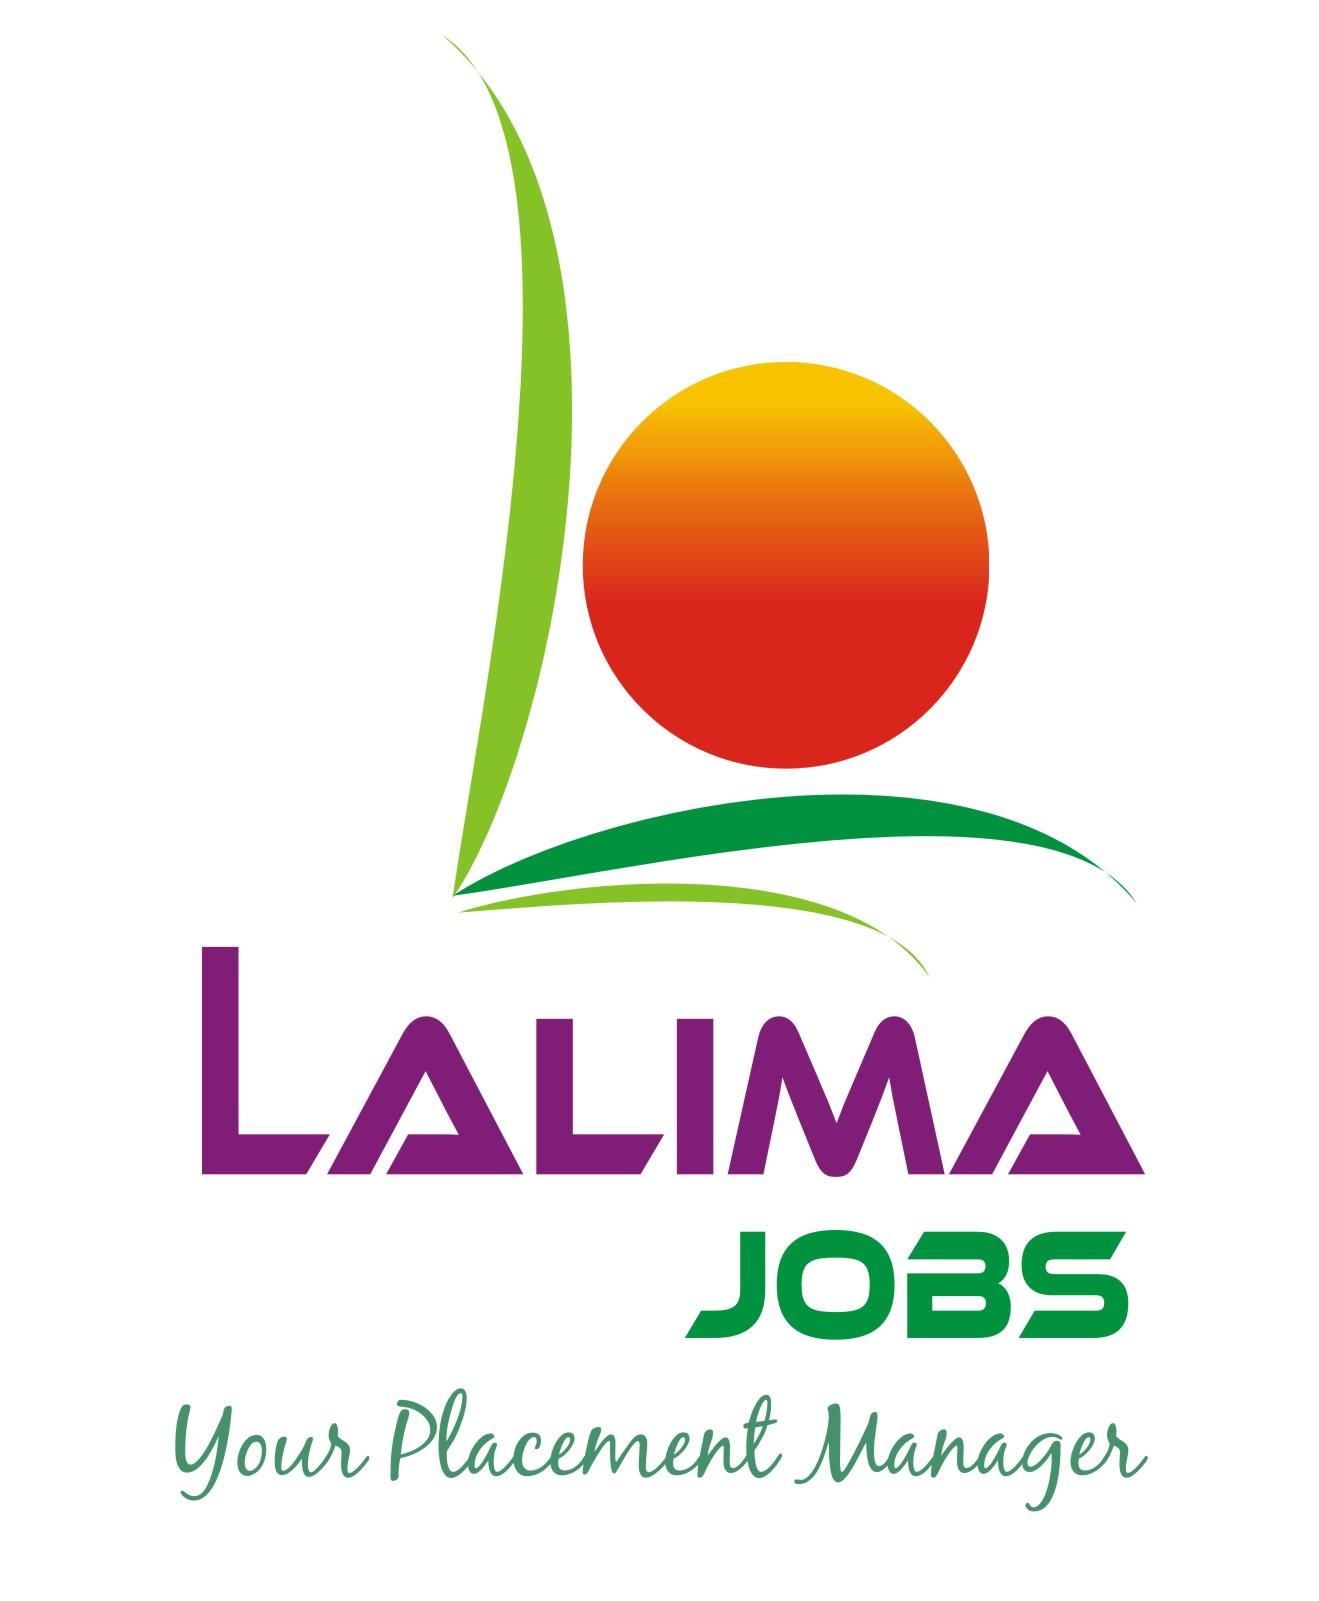 Lalima Jobs Company Logo